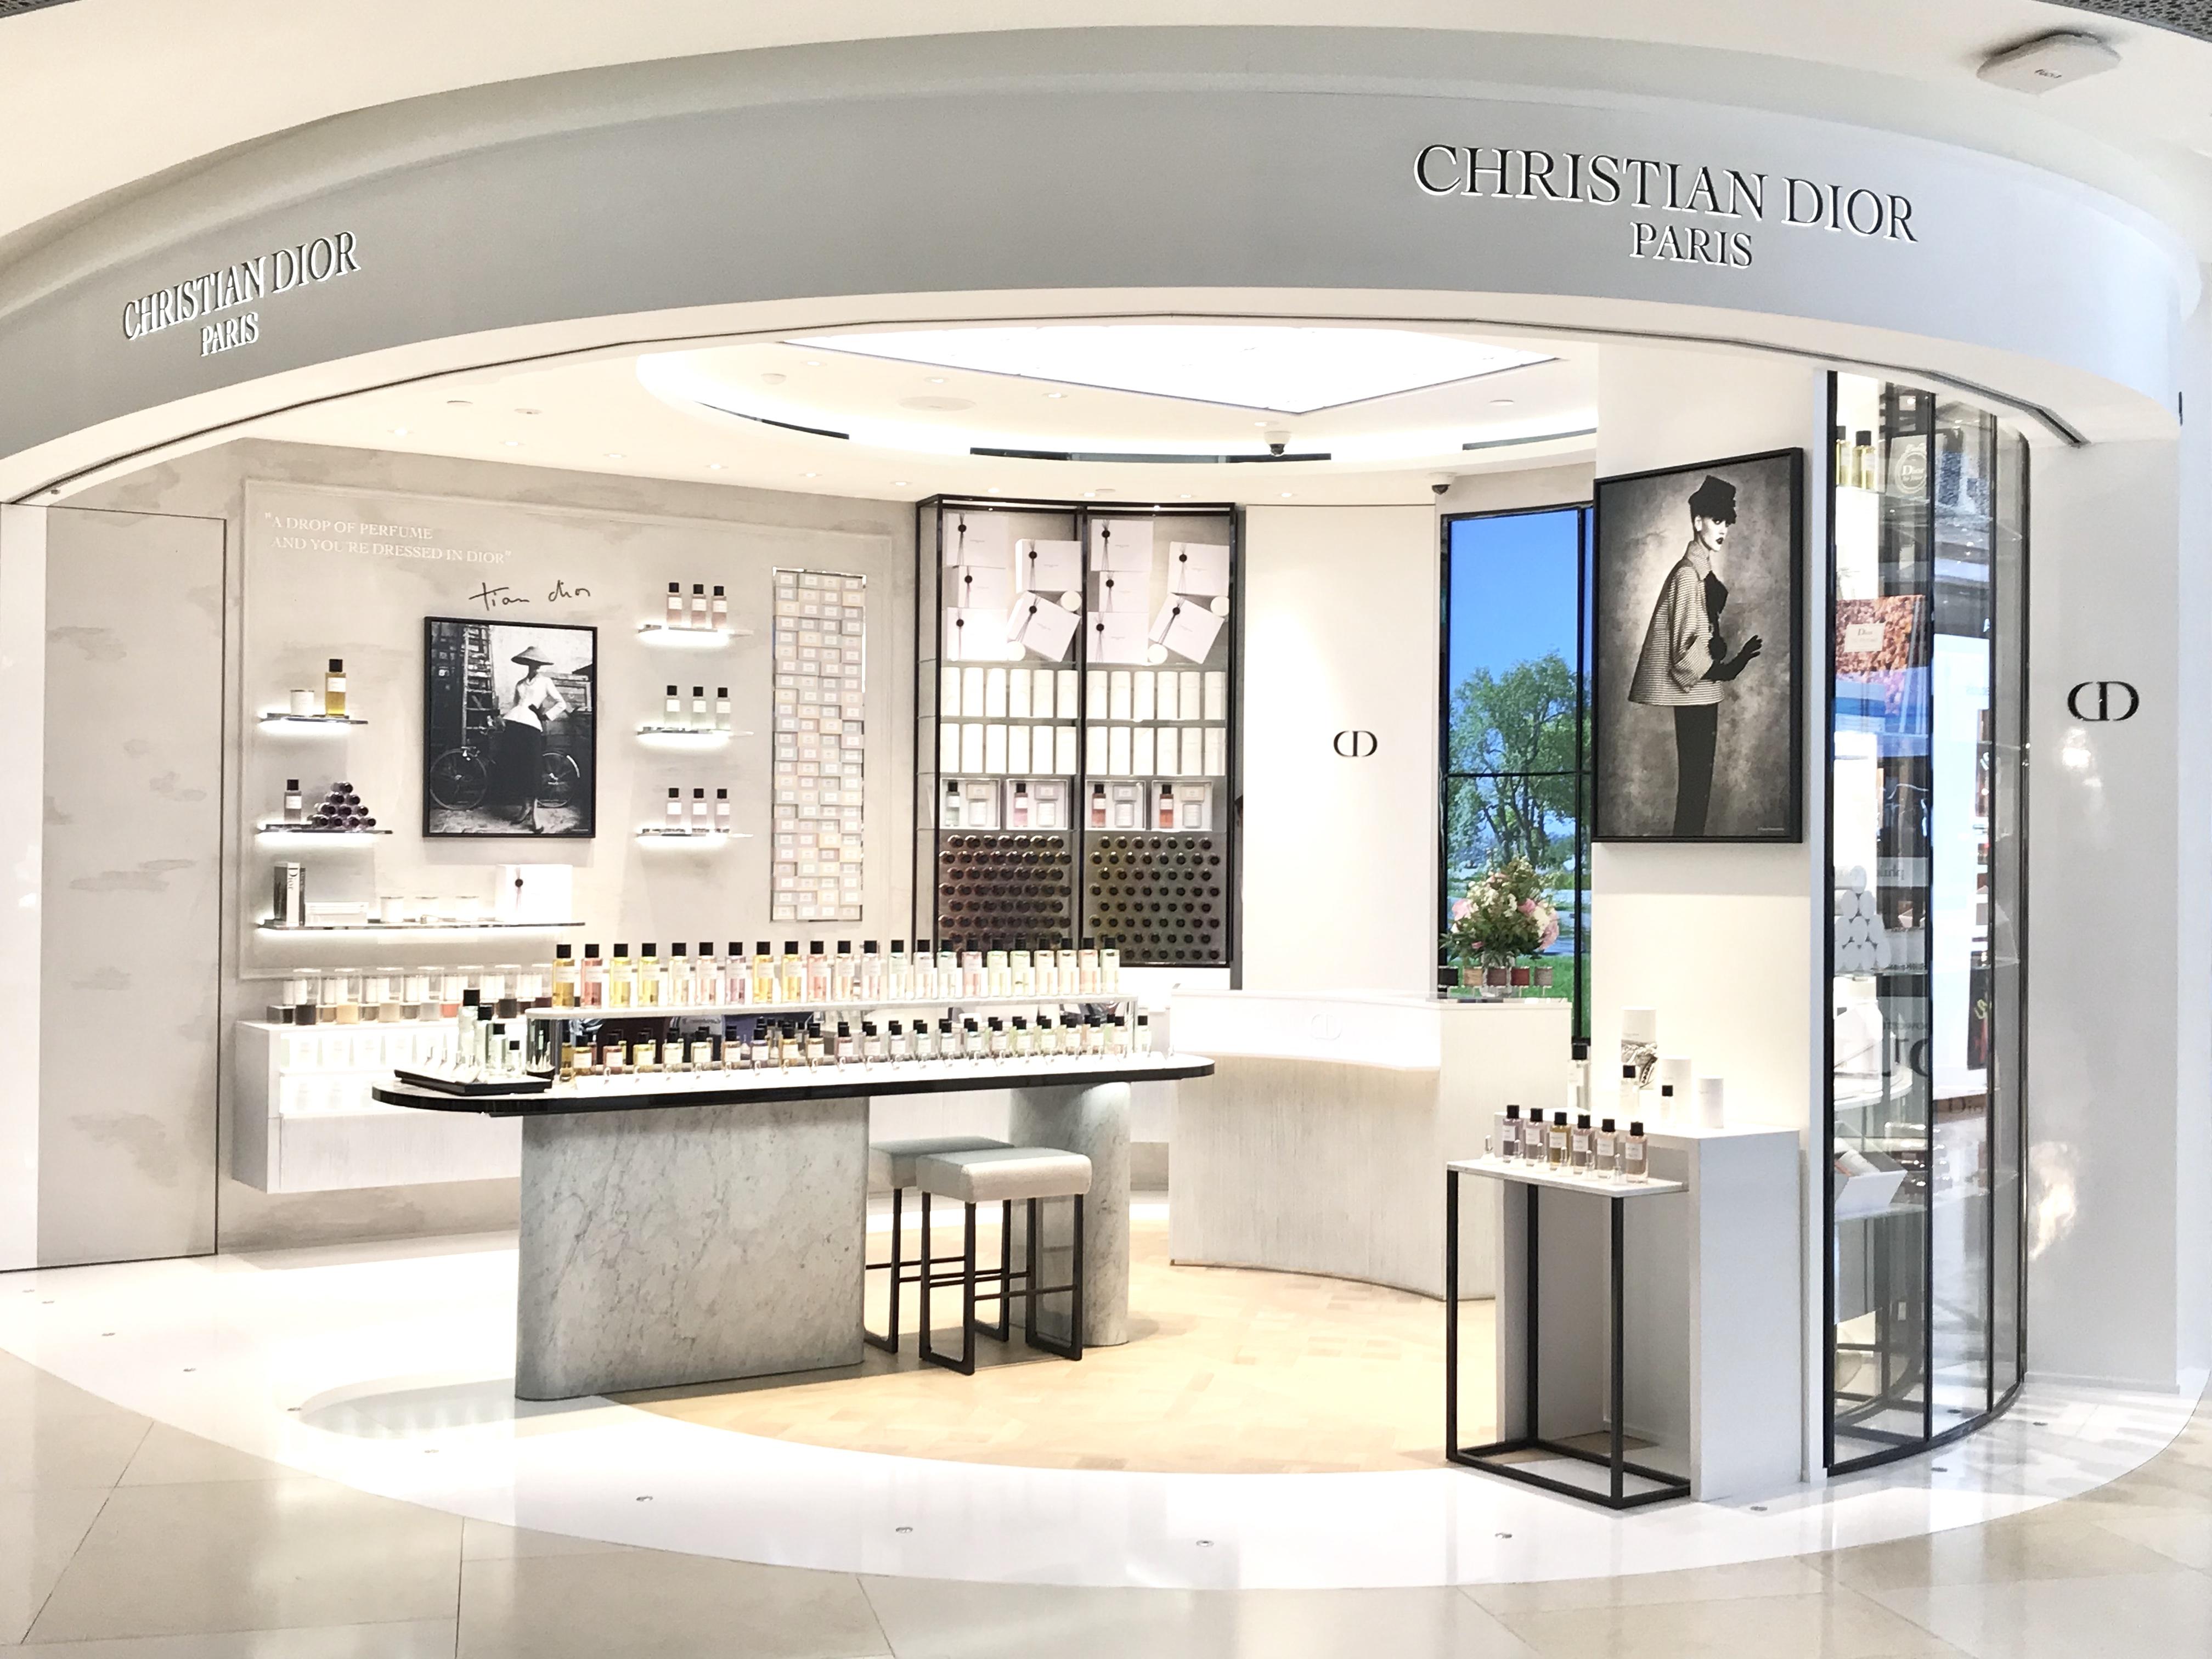 Christian Dior Singapore